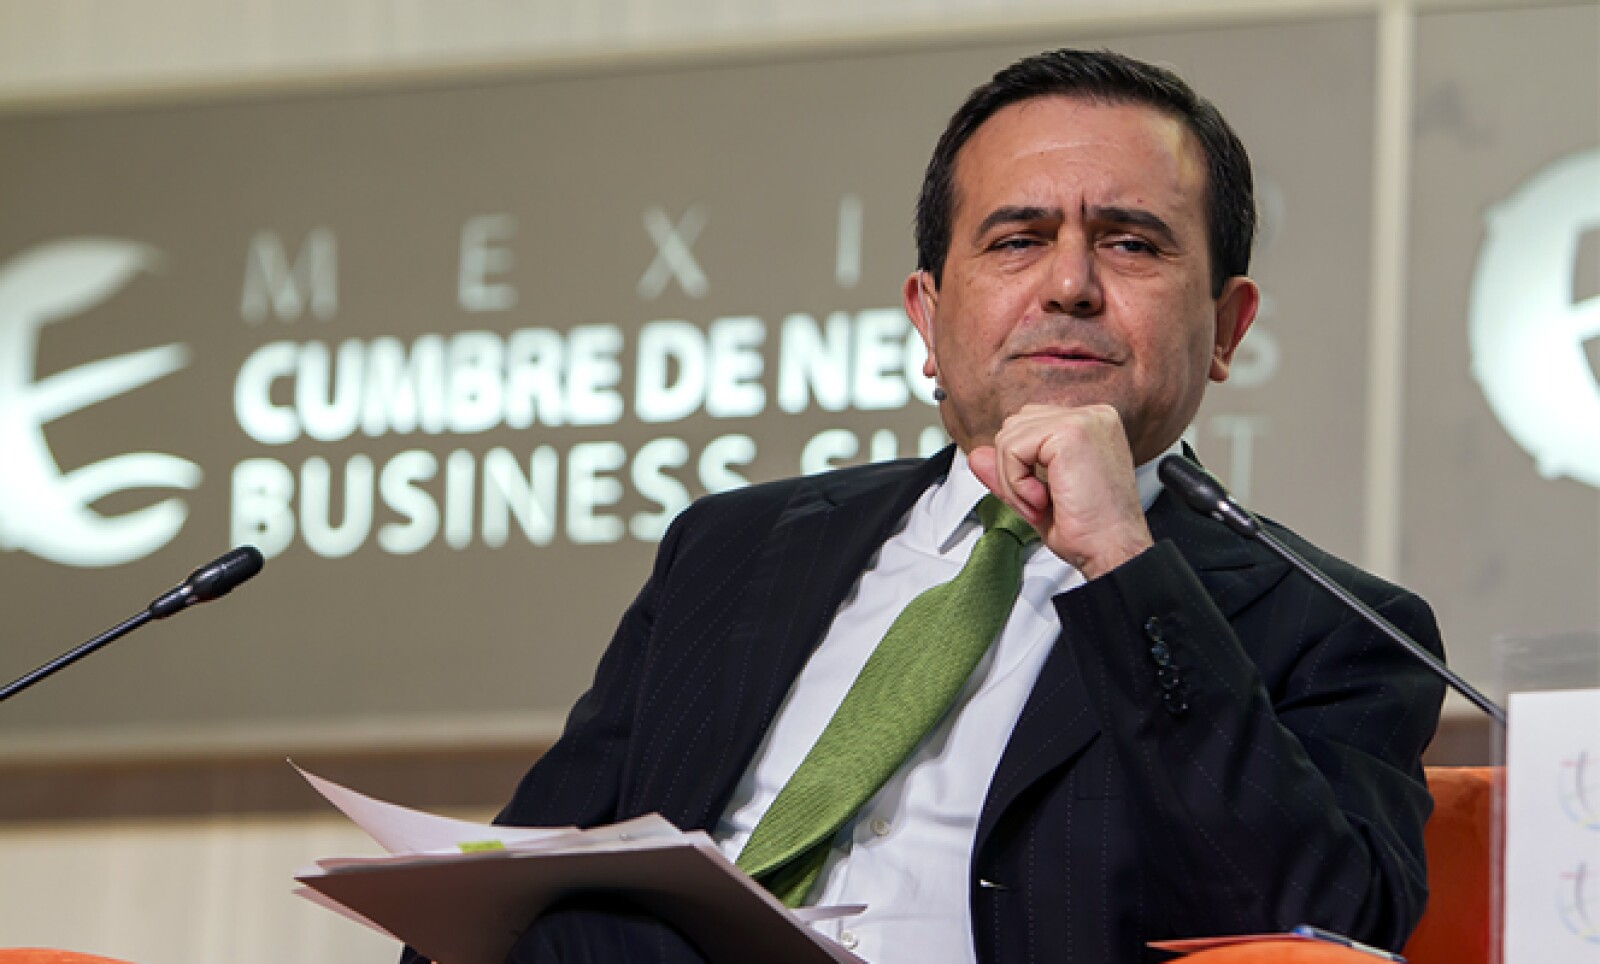 El secretario de Economía expuso que el Acuerdo Transpacífico añadirá alrededor de 1.3 puntos porcentuales al PIB